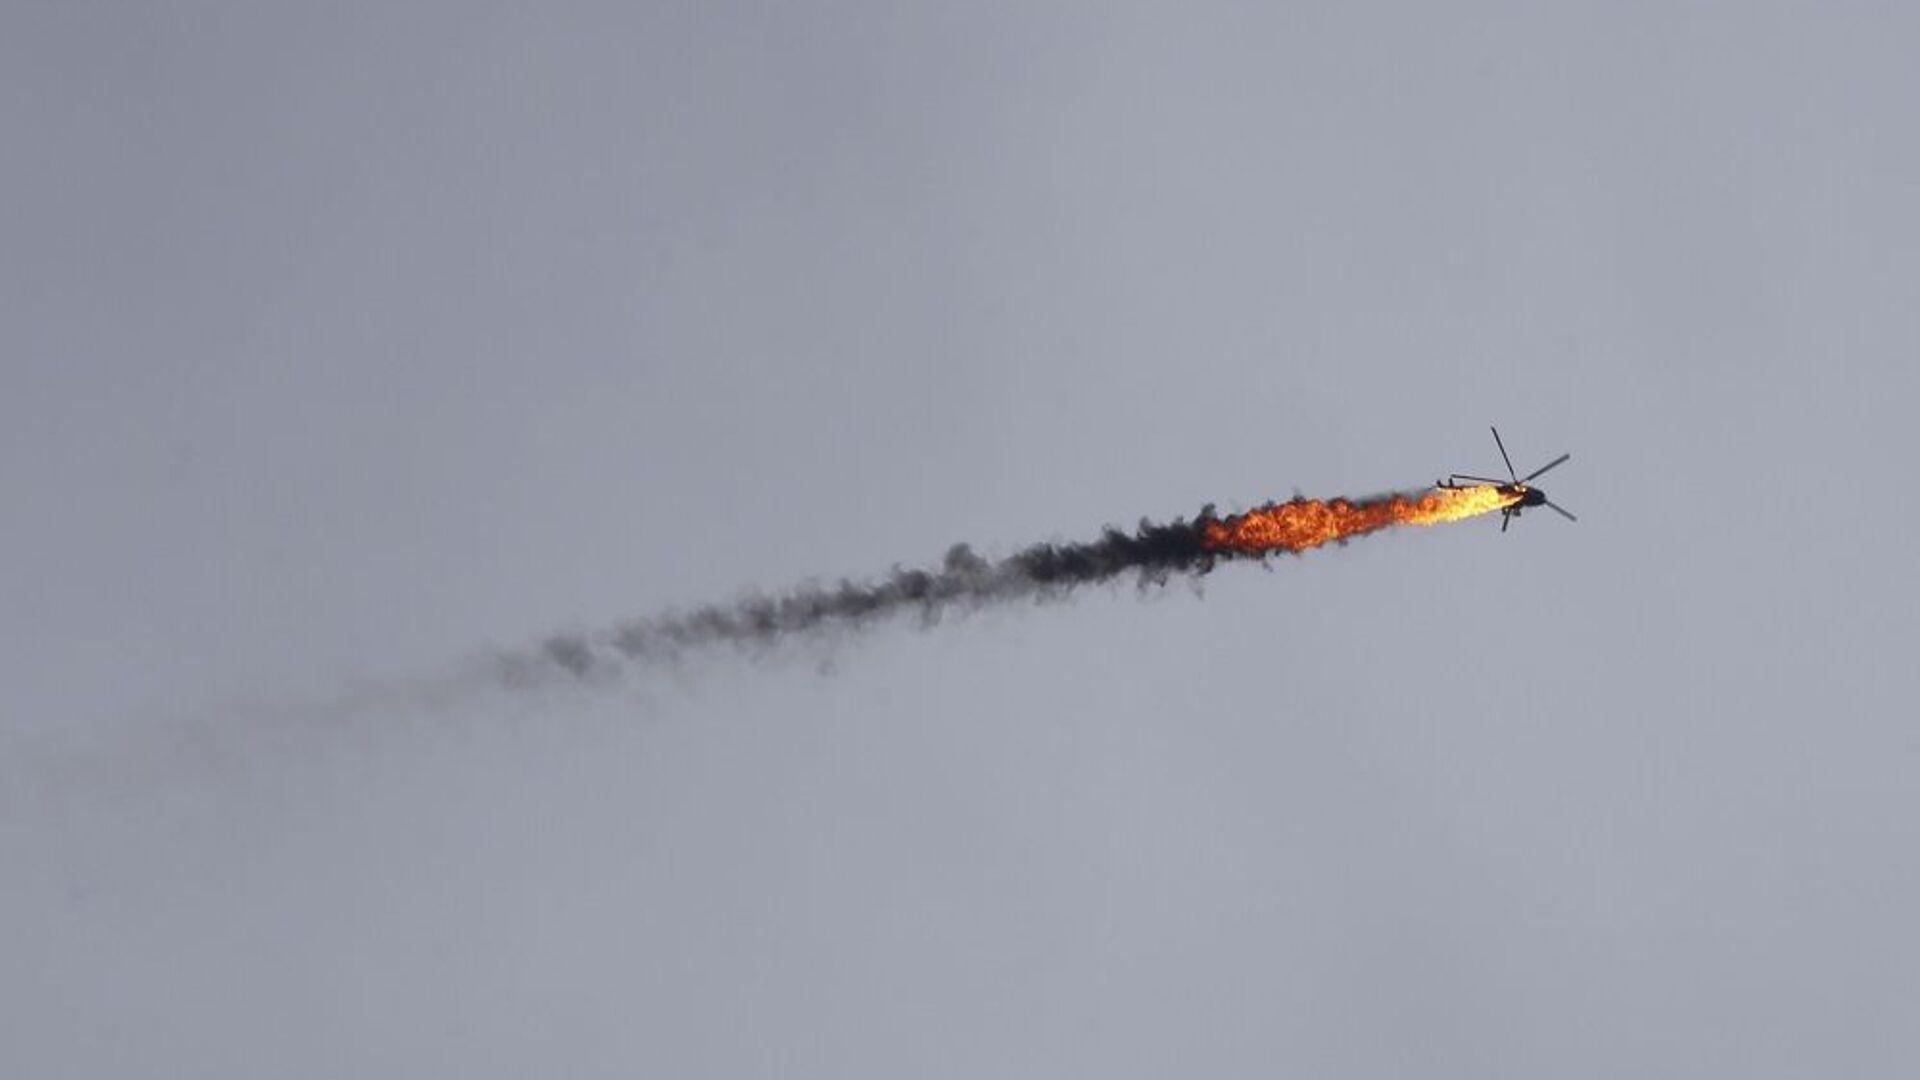 Κατάρριψη ελικοπτέρου στην Ιντλίμπ της Συρίας, στις 11 Φεβρουαρίου 2020 - Sputnik Ελλάδα, 1920, 28.09.2021